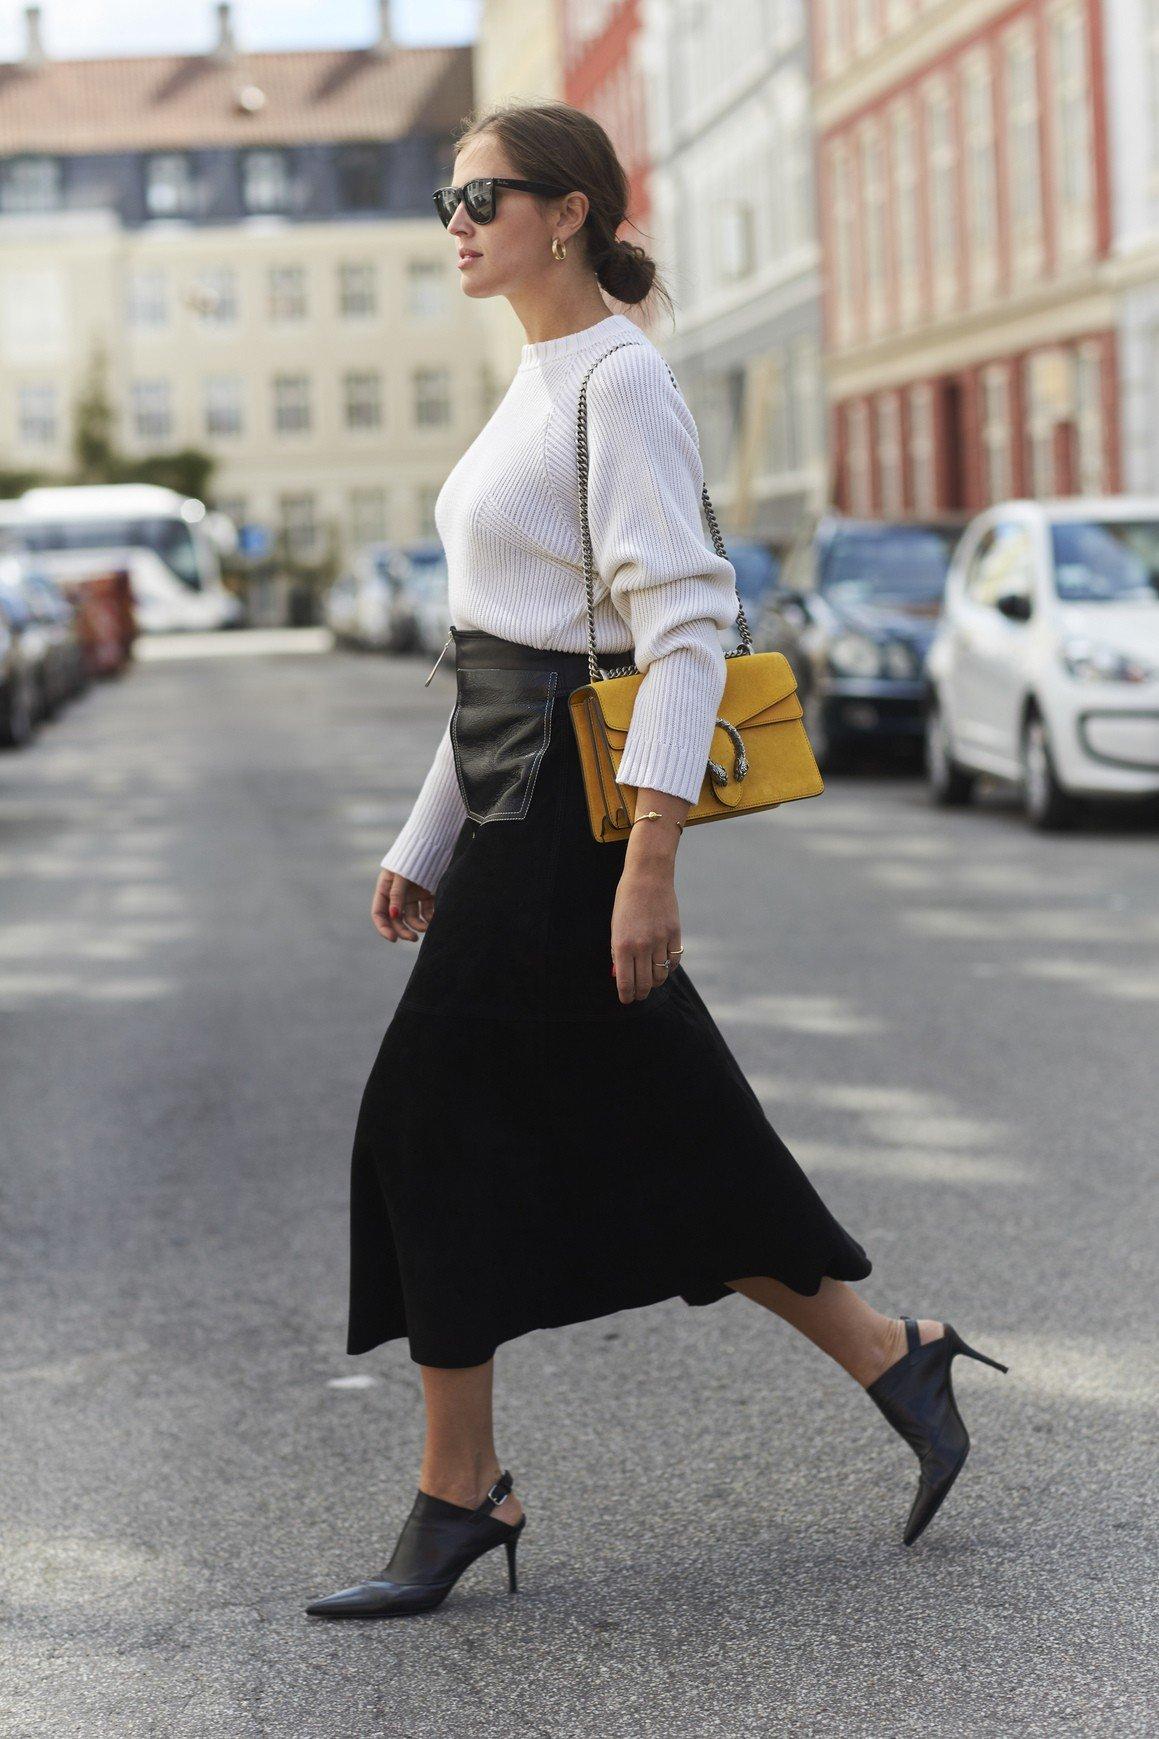 Moda uliczna: jesienne stylizacje